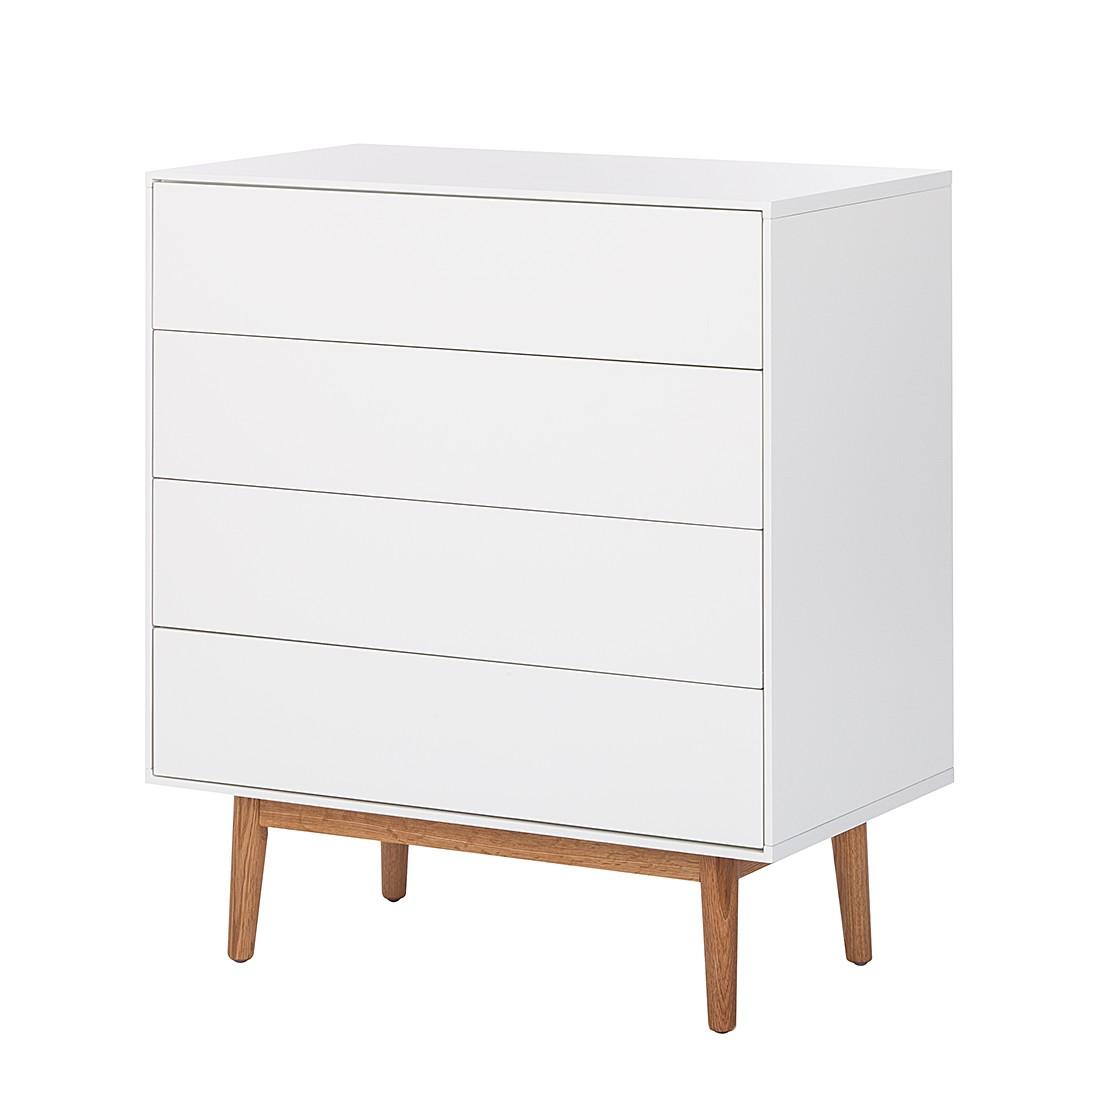 Comodino Lindholm - Parzialmente in legno massello di quercia Bianco Cassettiera I Bianco/Quercia, Morteens